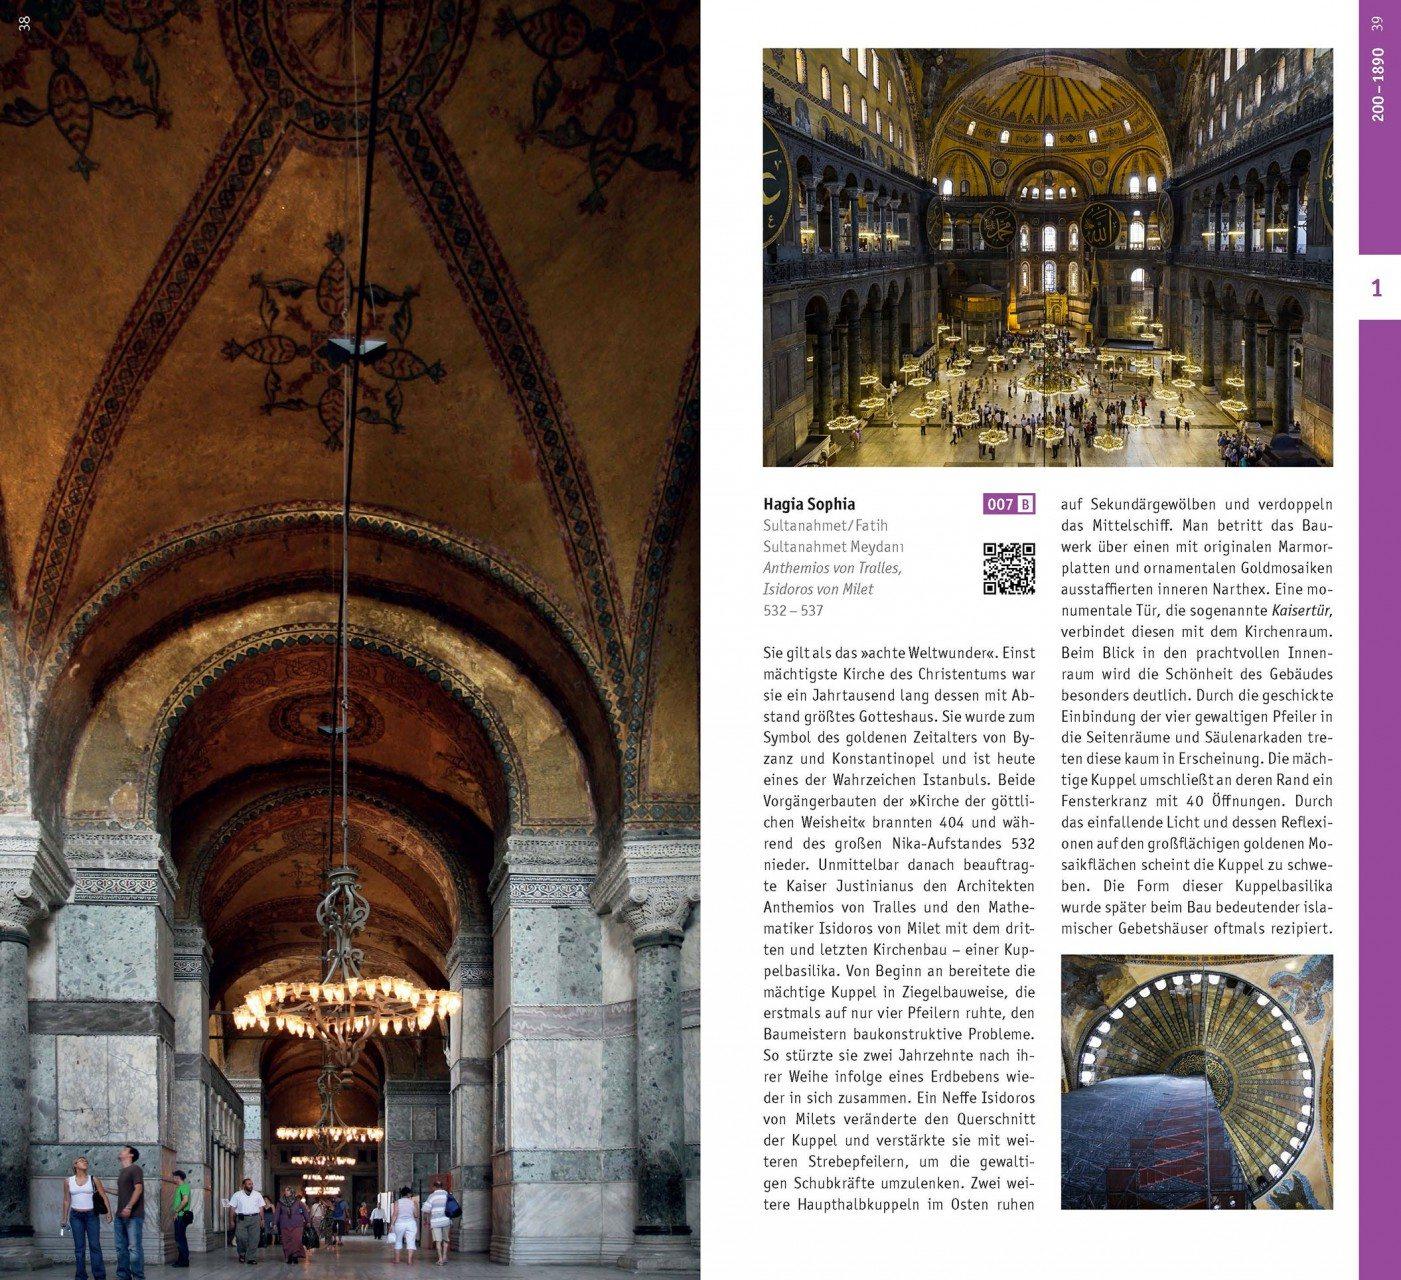 Die Ikone. Die Hagia Sophia